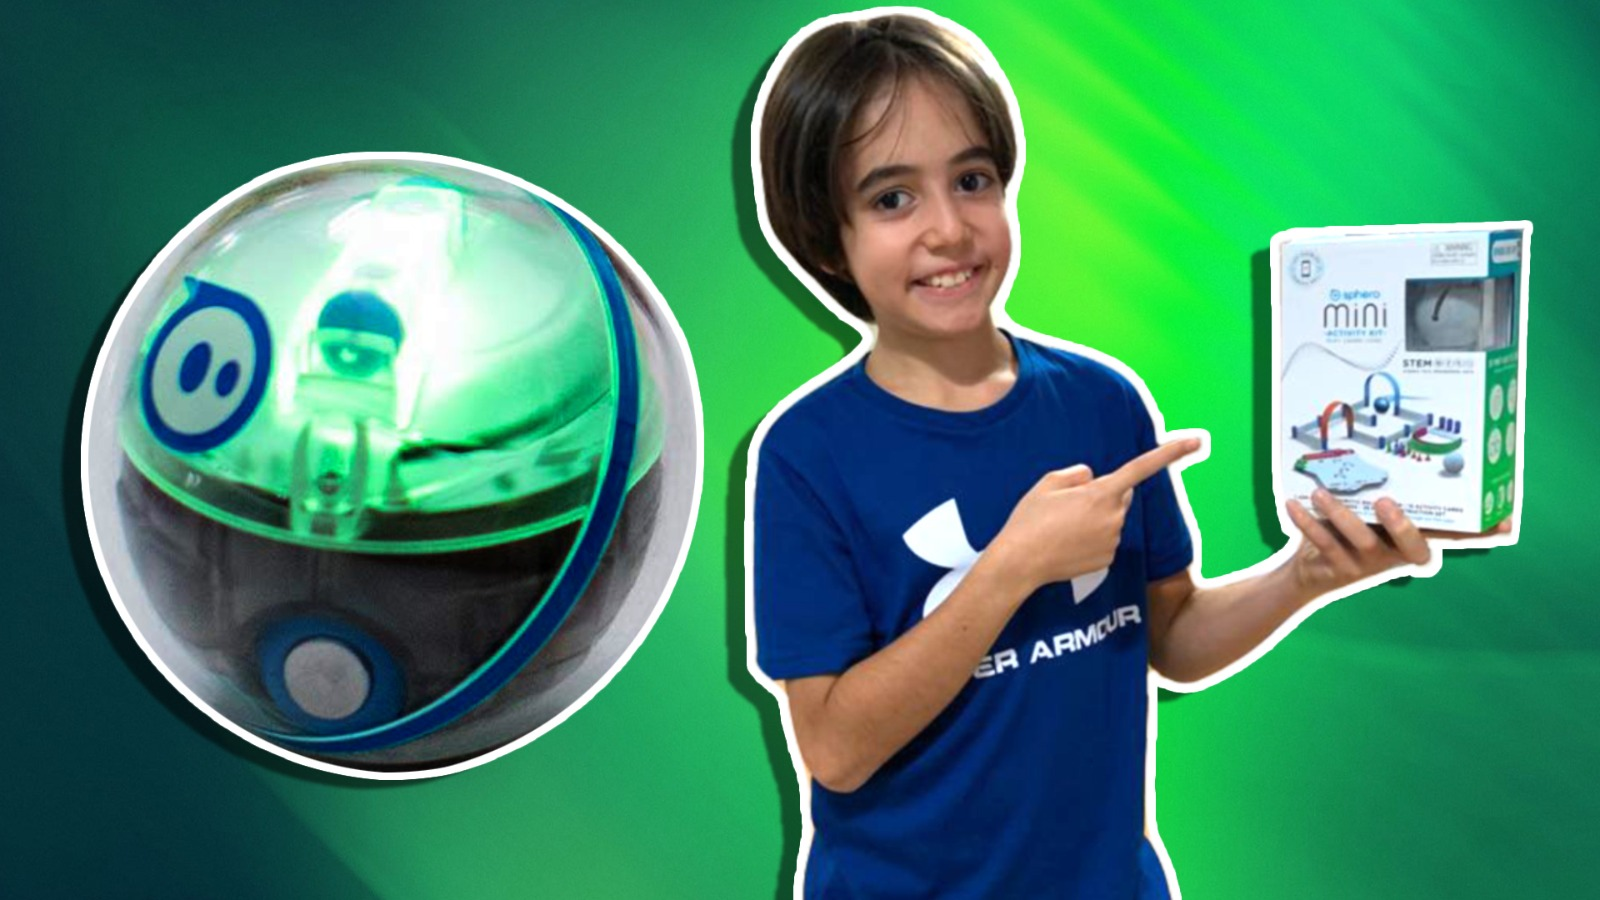 Sphero Mini Robot fiyatı,Sphero Mini Robot özellikleri,Sphero Mini Robot incelemesi